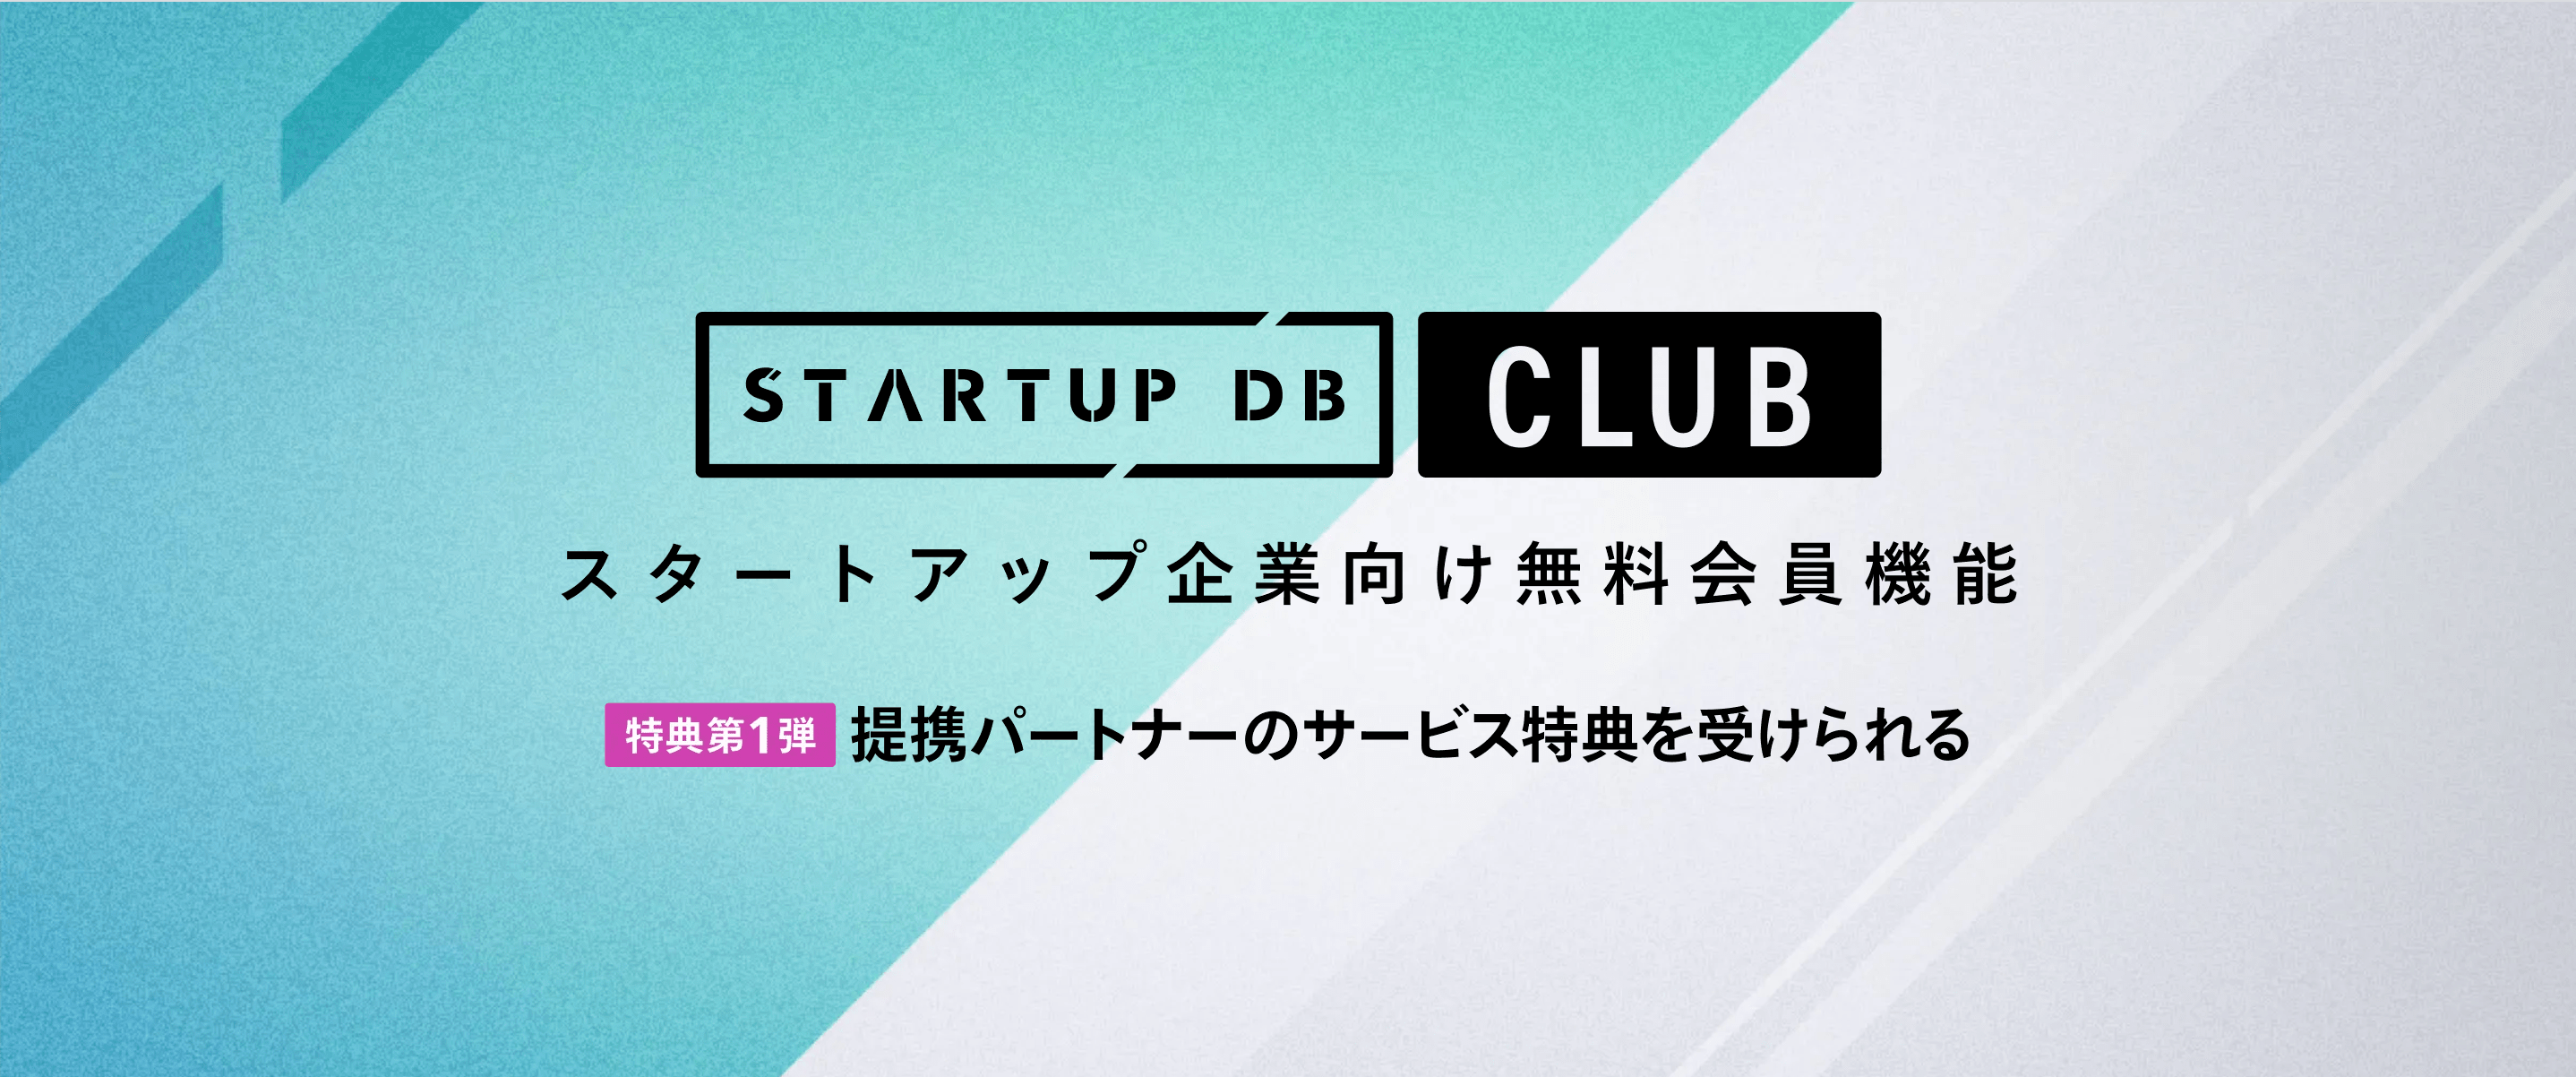 スタートアップ企業のグロースをサポートする様々な特典が受けられる無料会員サービス「STARTUP DB CLUB」をリリースしました。提携するサービスを特別プランで導入することが出来ます。また、特典内容については、随時更新していく予定です。 詳しい内容はこちらからご確認下さい。